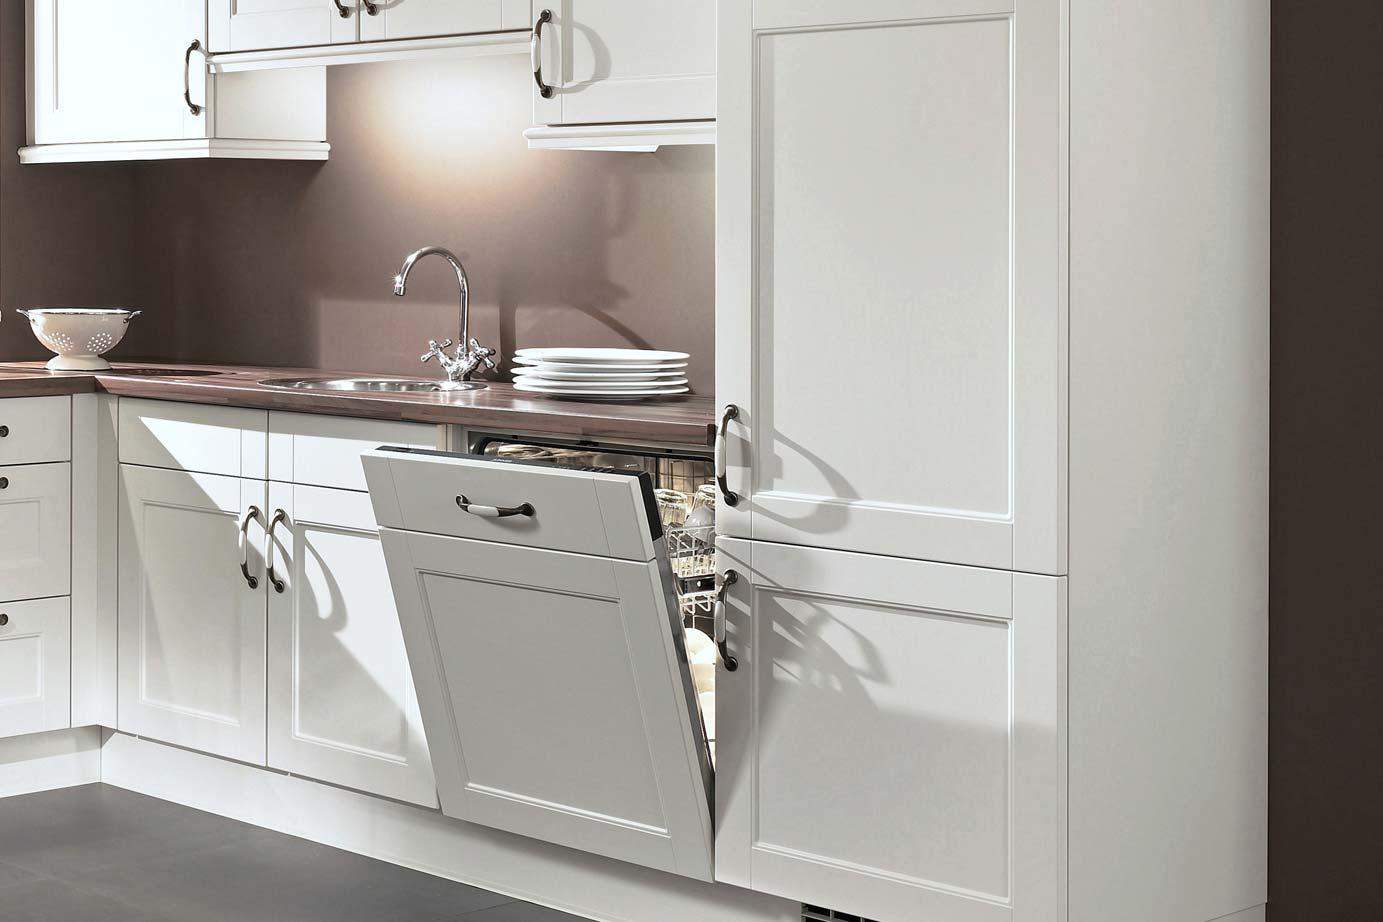 Kleine keuken modellen - Kleine keuken amerikaanse keuken ...